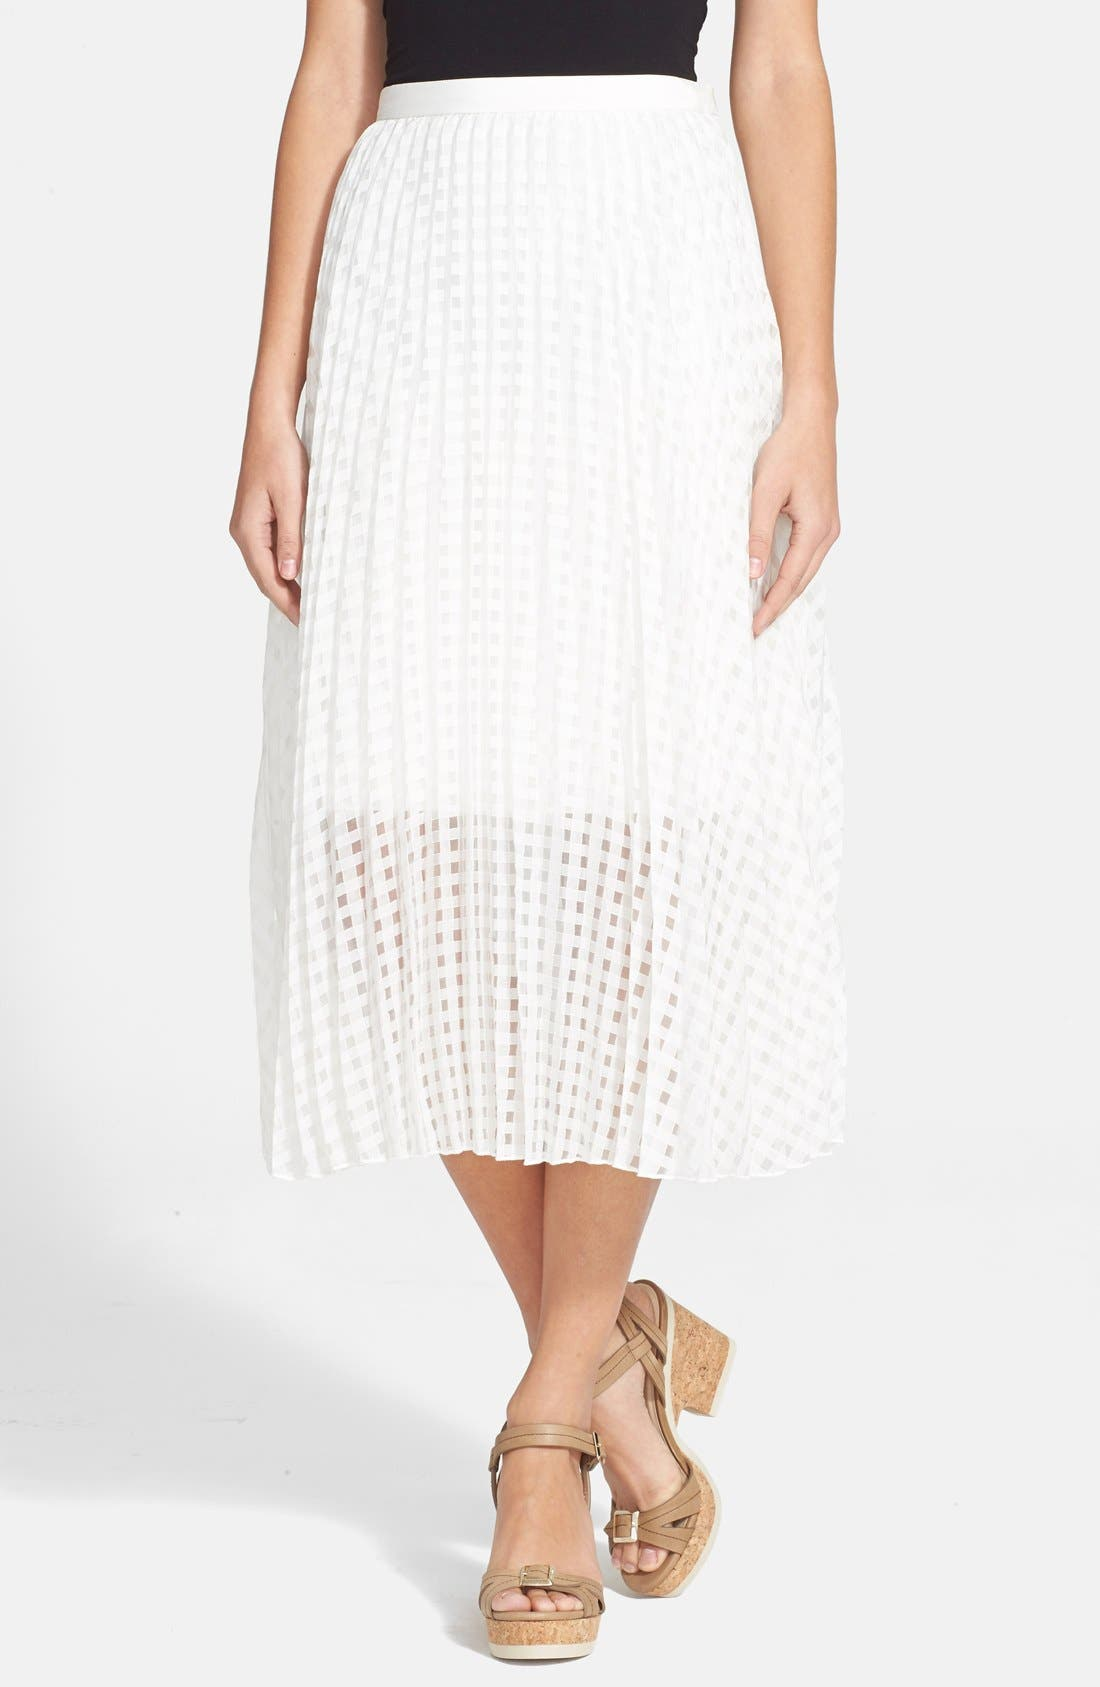 Alternate Image 1 Selected - Tibi 'Sunray' Pleated Skirt